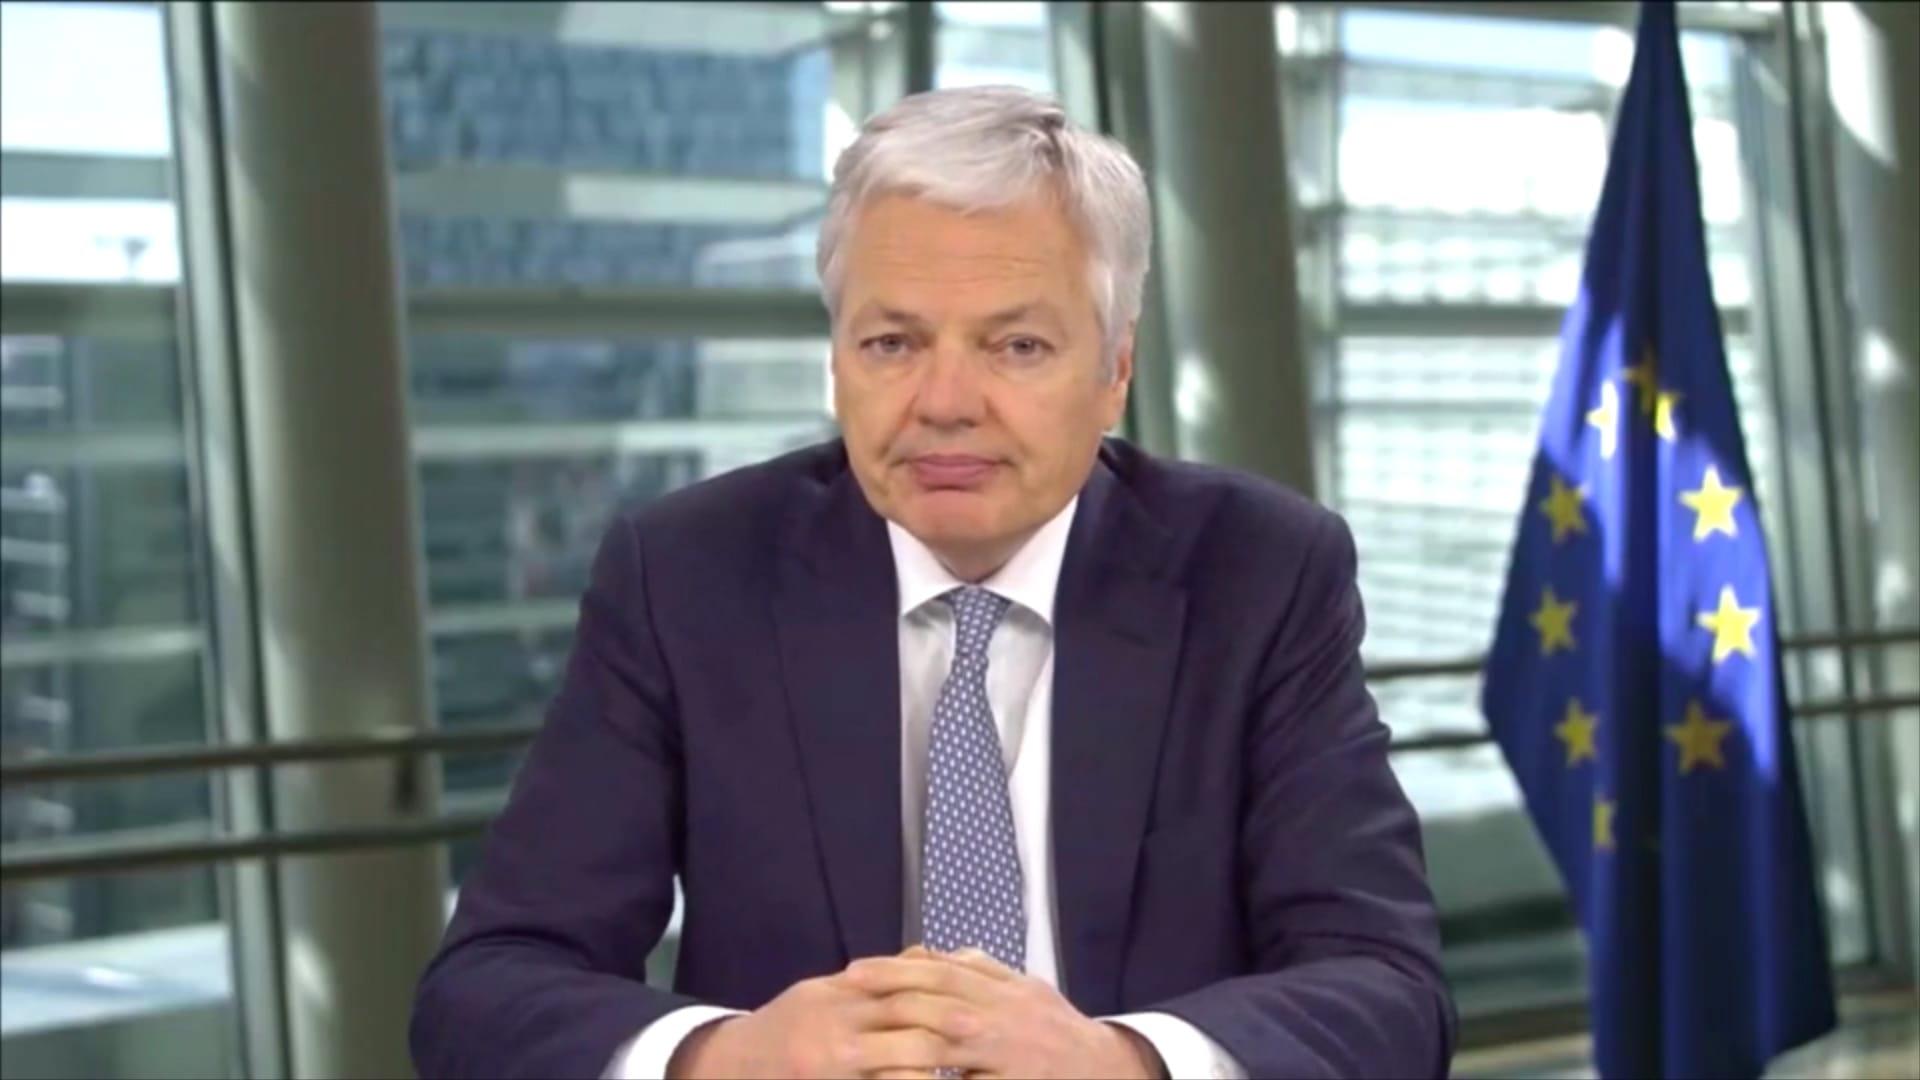 مفوض الاتحاد الأوروبي يشرح لـCNN خطط جواز سفر اللقاح الجديد.. ماذا قال؟